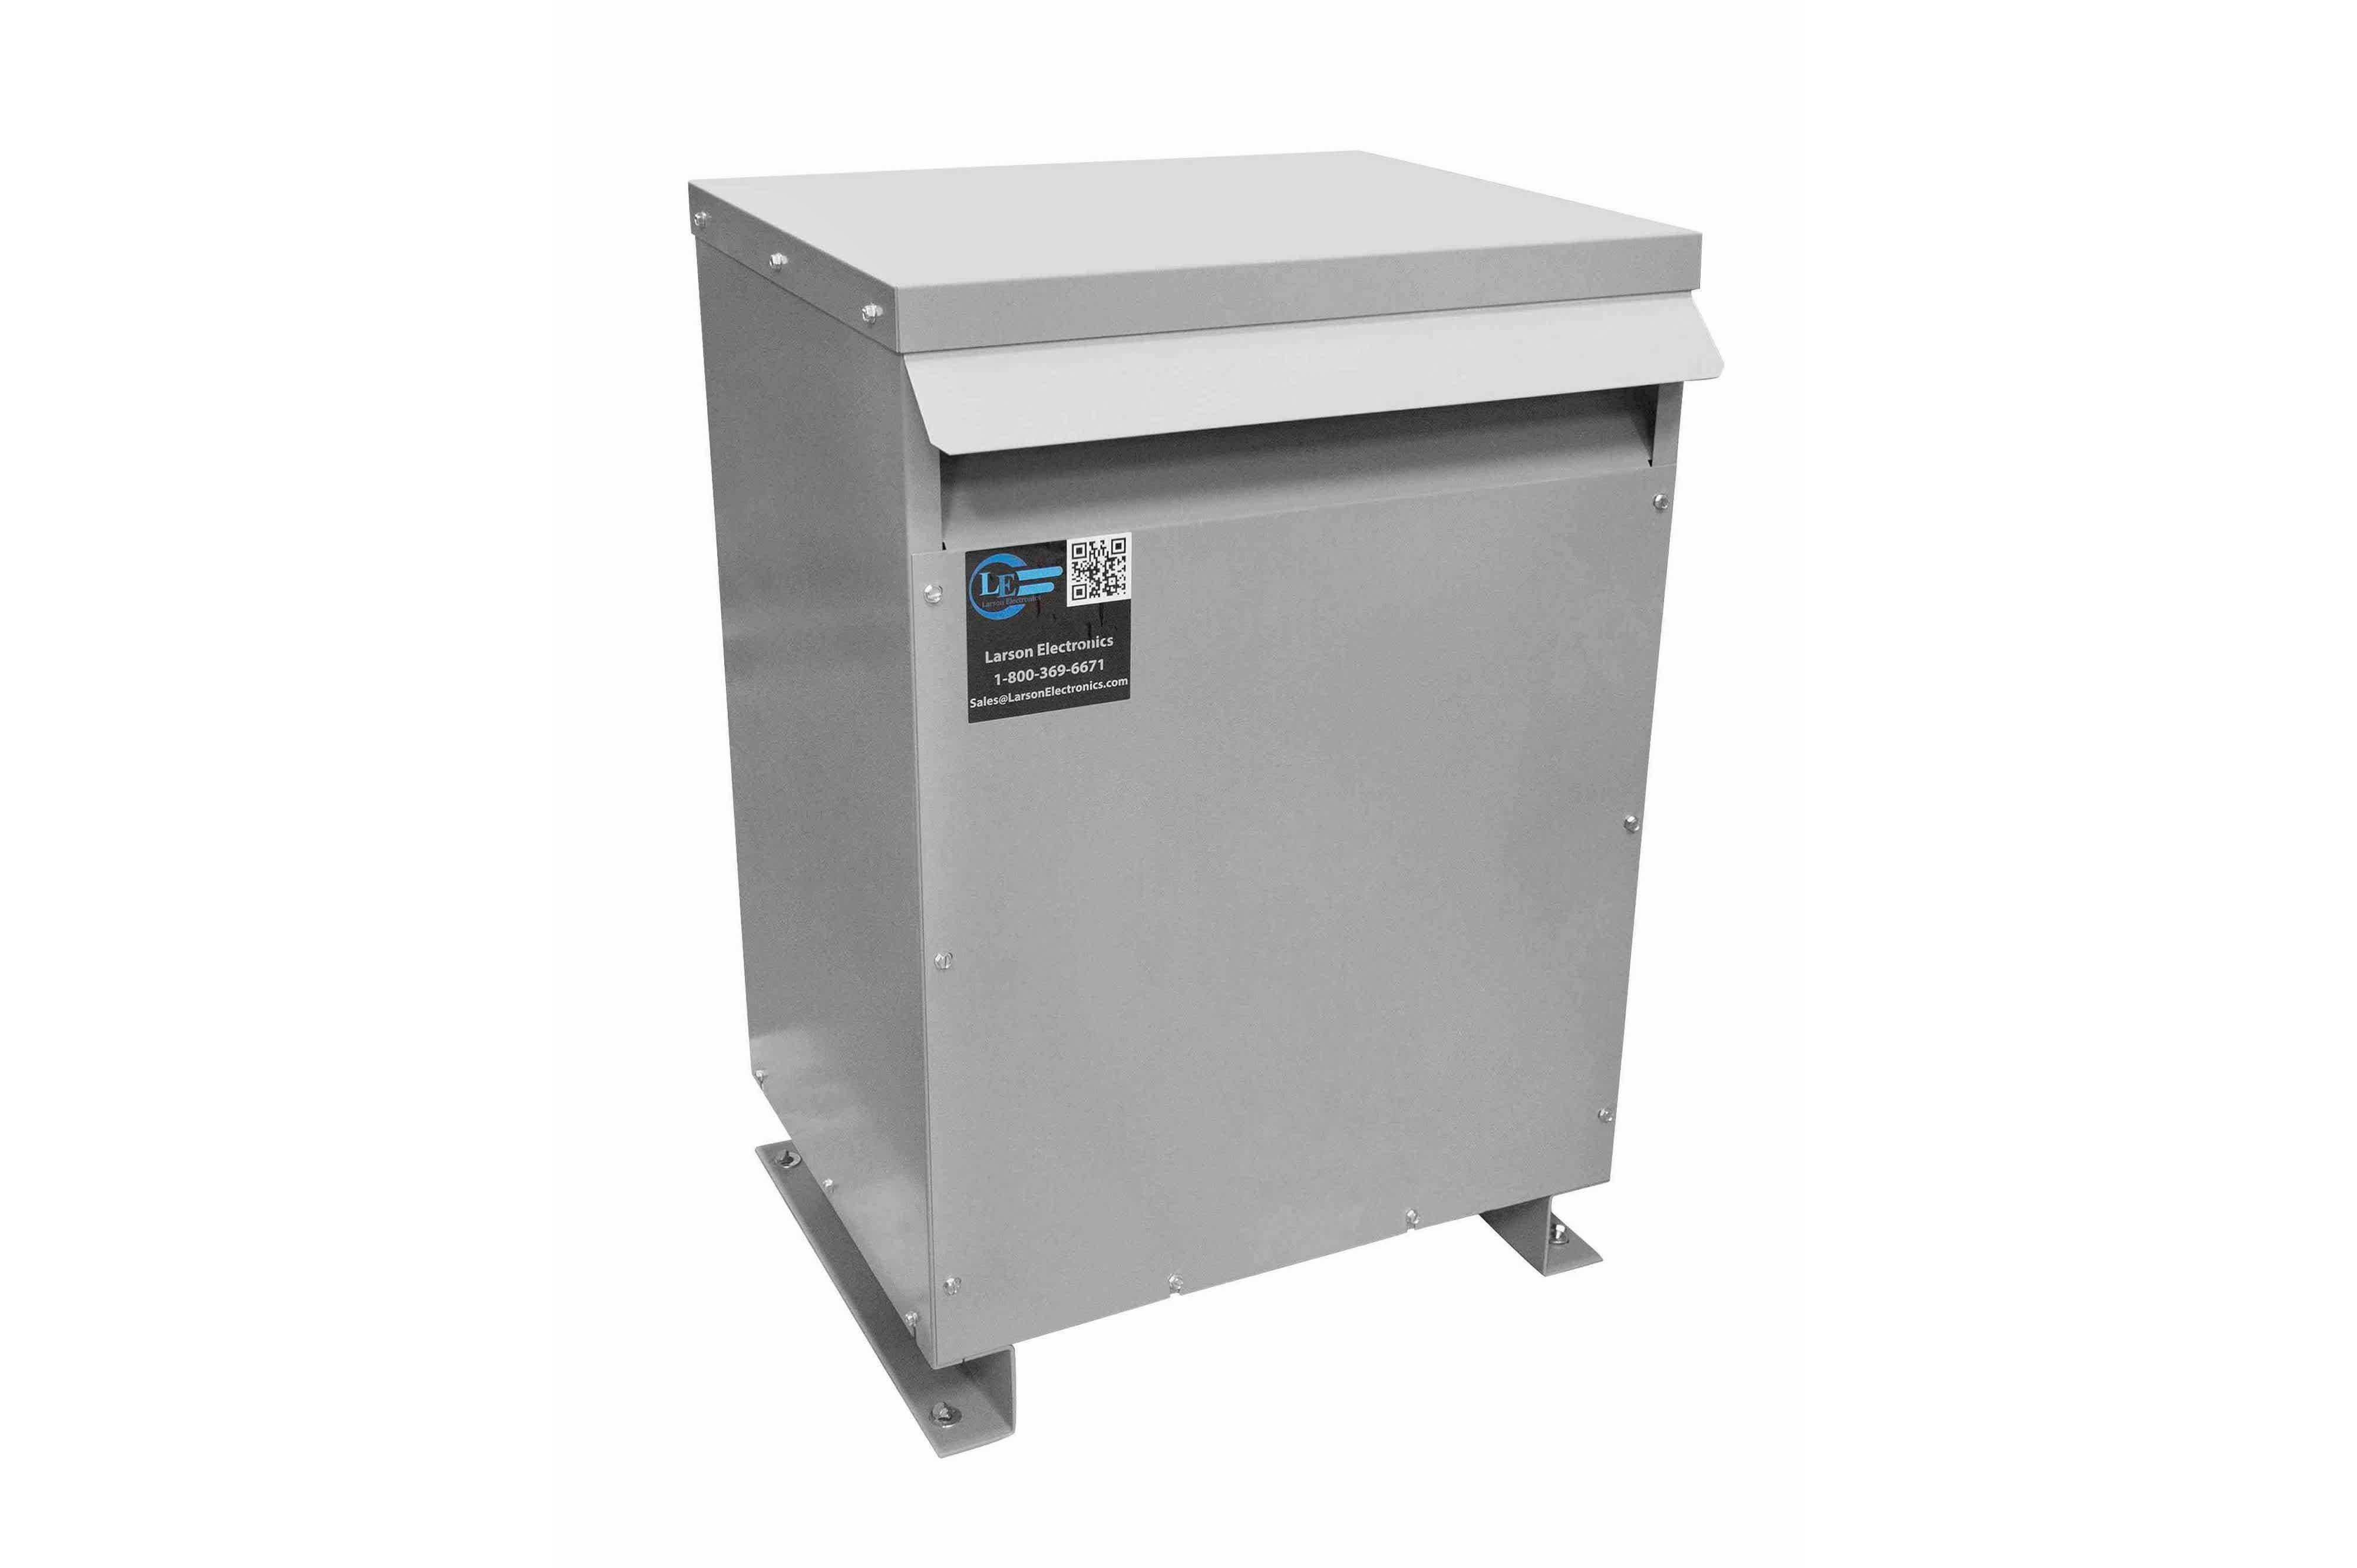 40 kVA 3PH Isolation Transformer, 240V Delta Primary, 600V Delta Secondary, N3R, Ventilated, 60 Hz